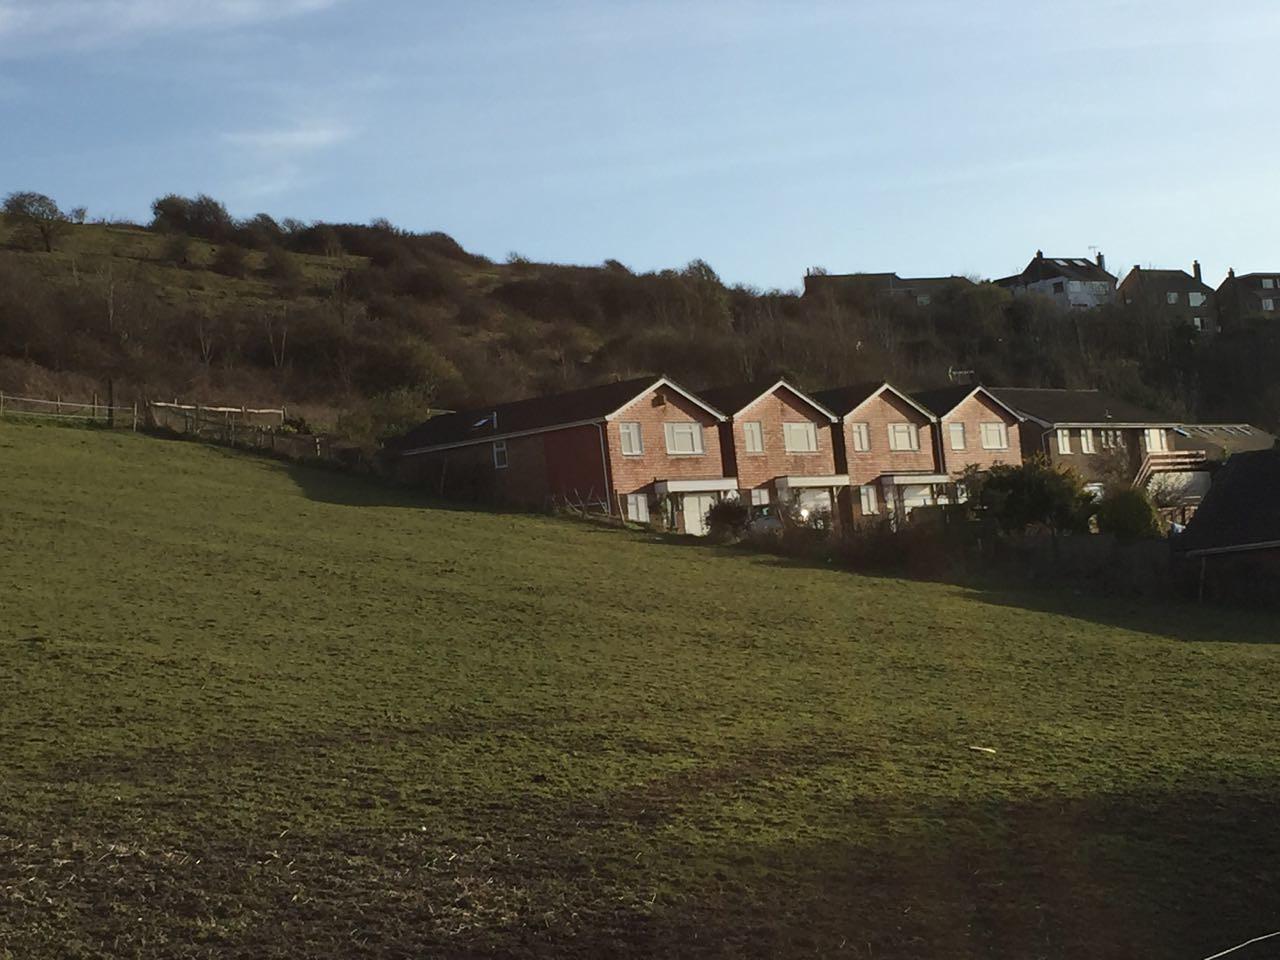 Coomber Meadow, Saltdean - 15